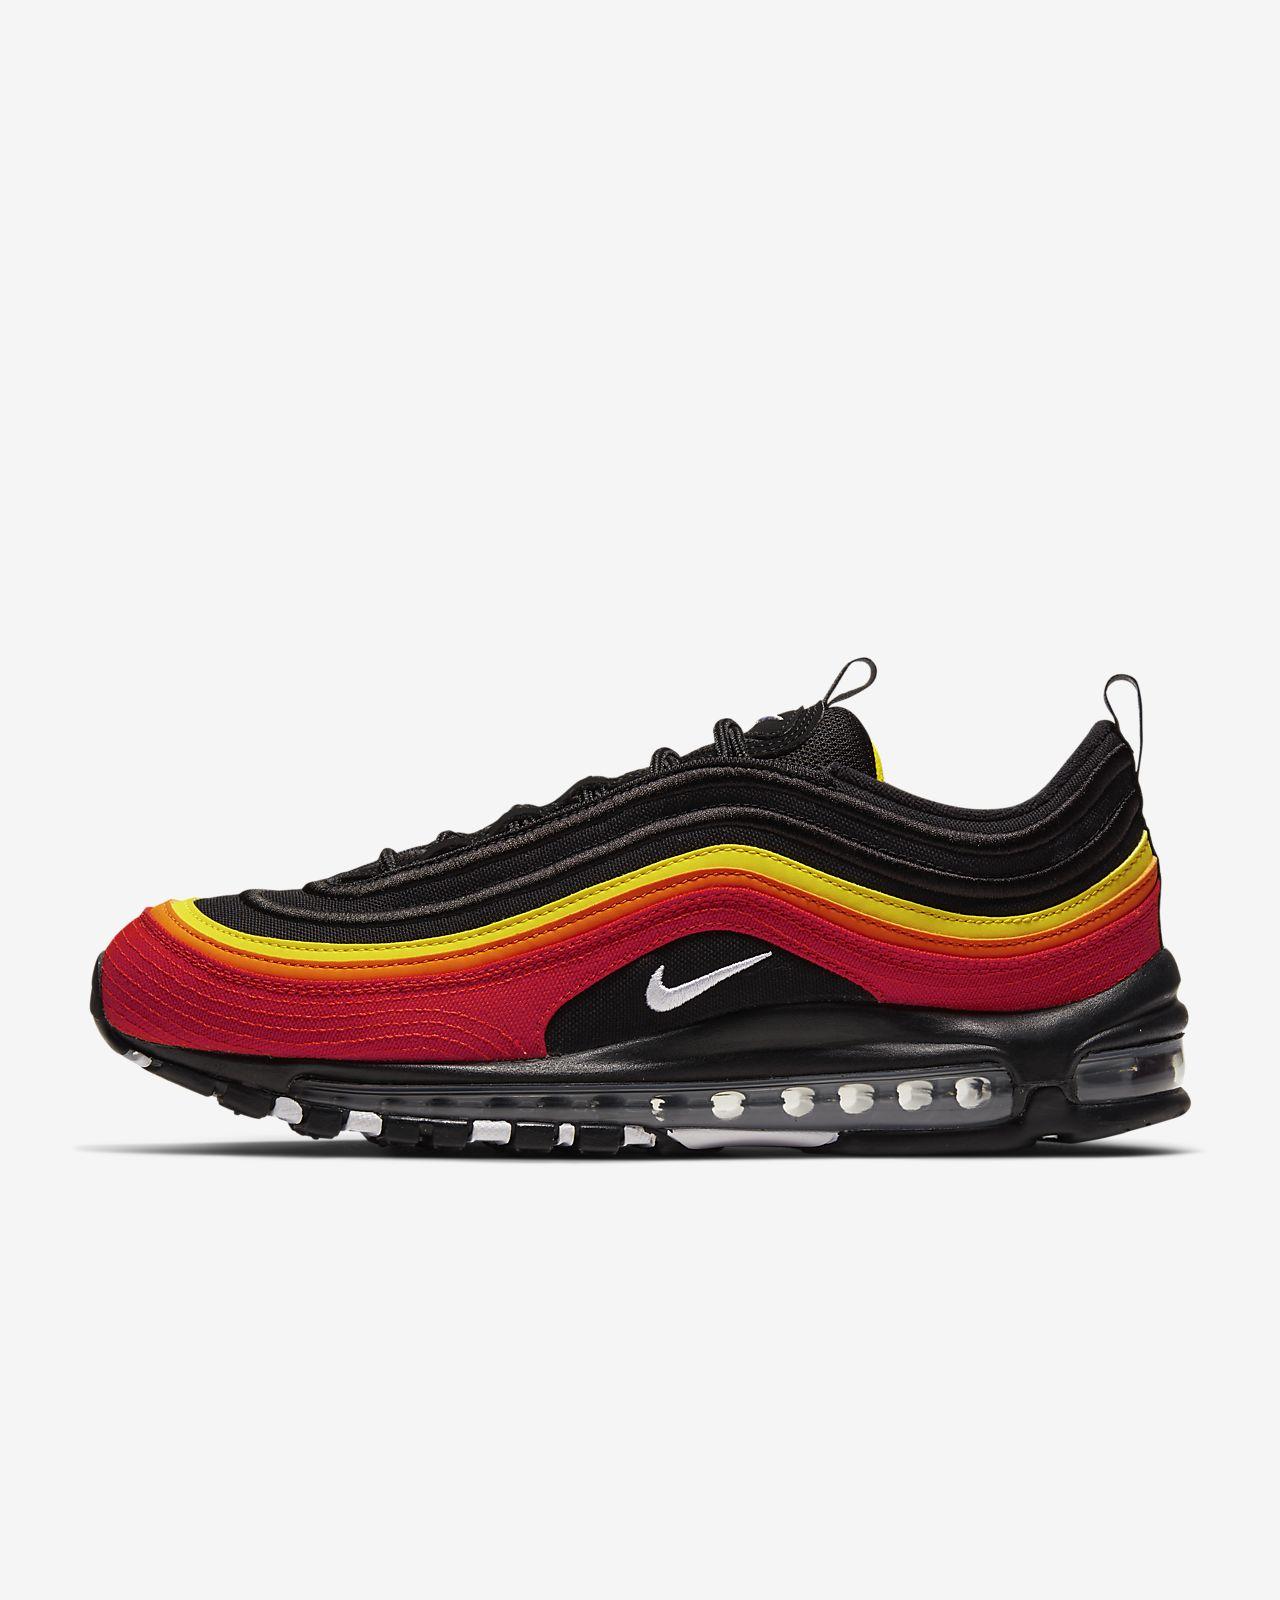 รองเท้าผู้ชาย Nike Air Max 97